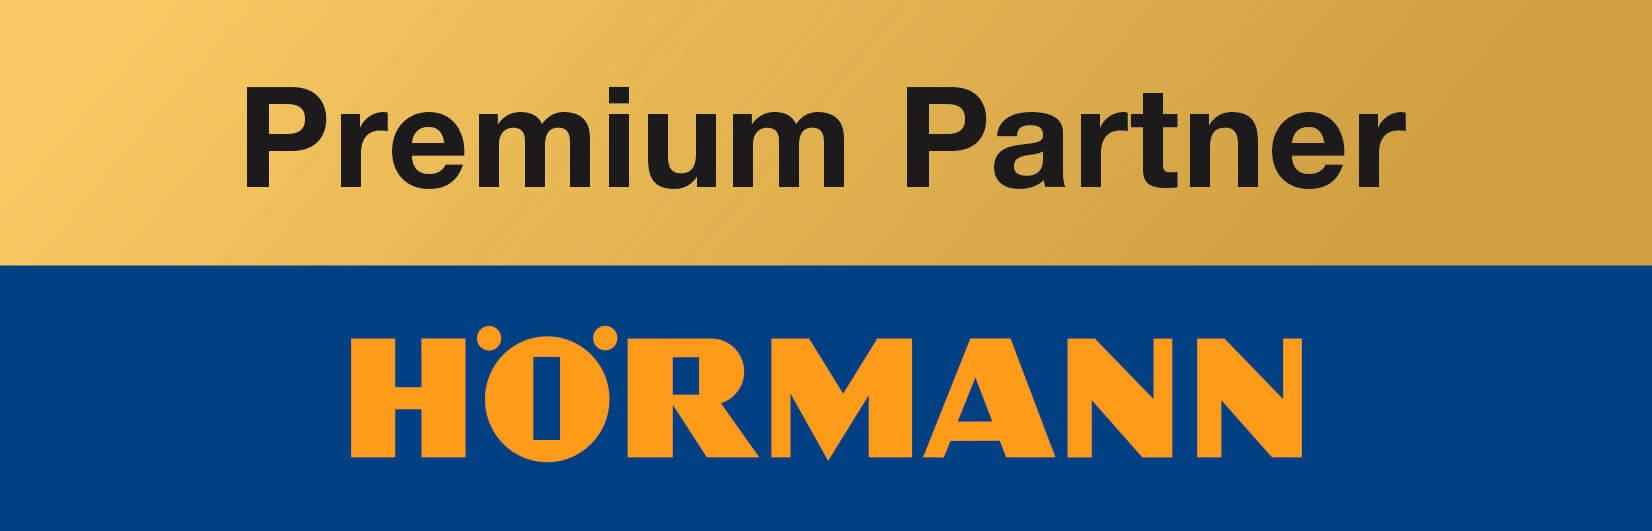 wij zijn geselecteerd hormann premium partner